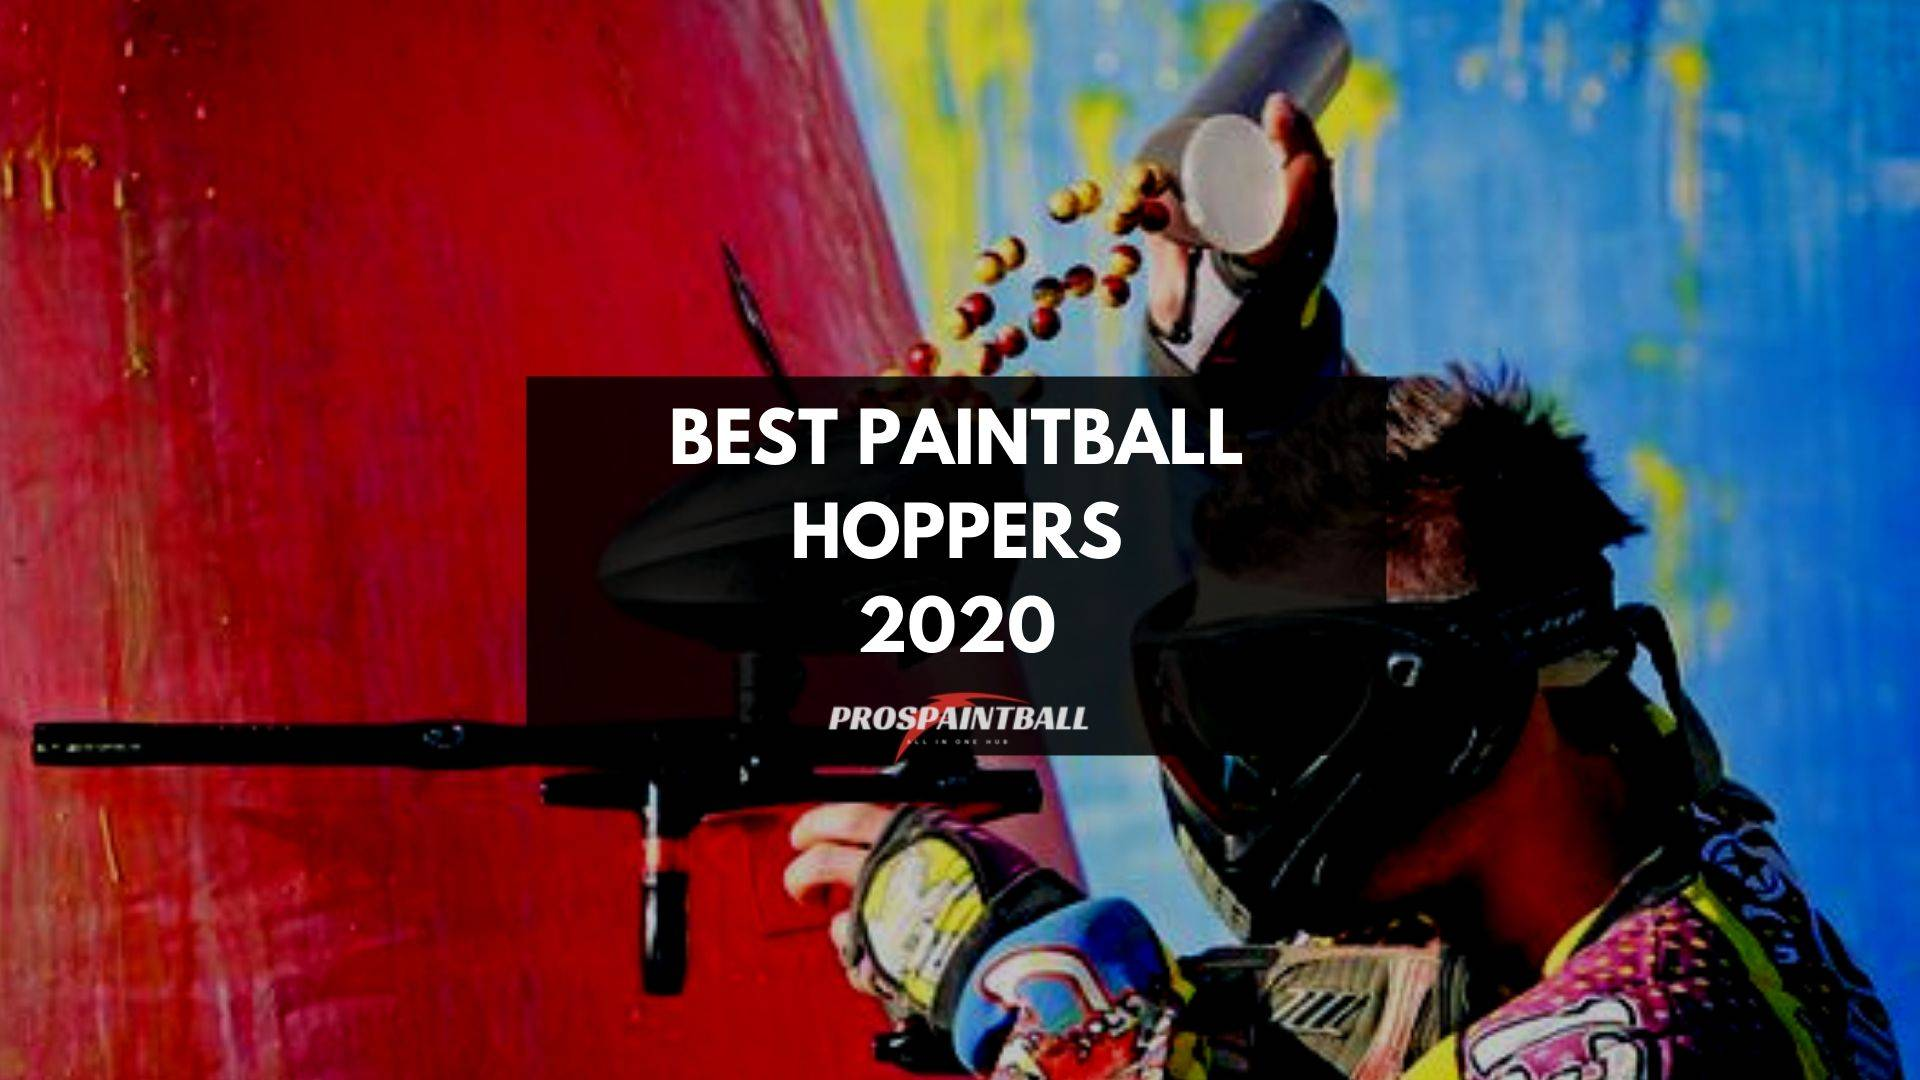 Top 10 Best Paintball Hopper Reviews 2020 Updated